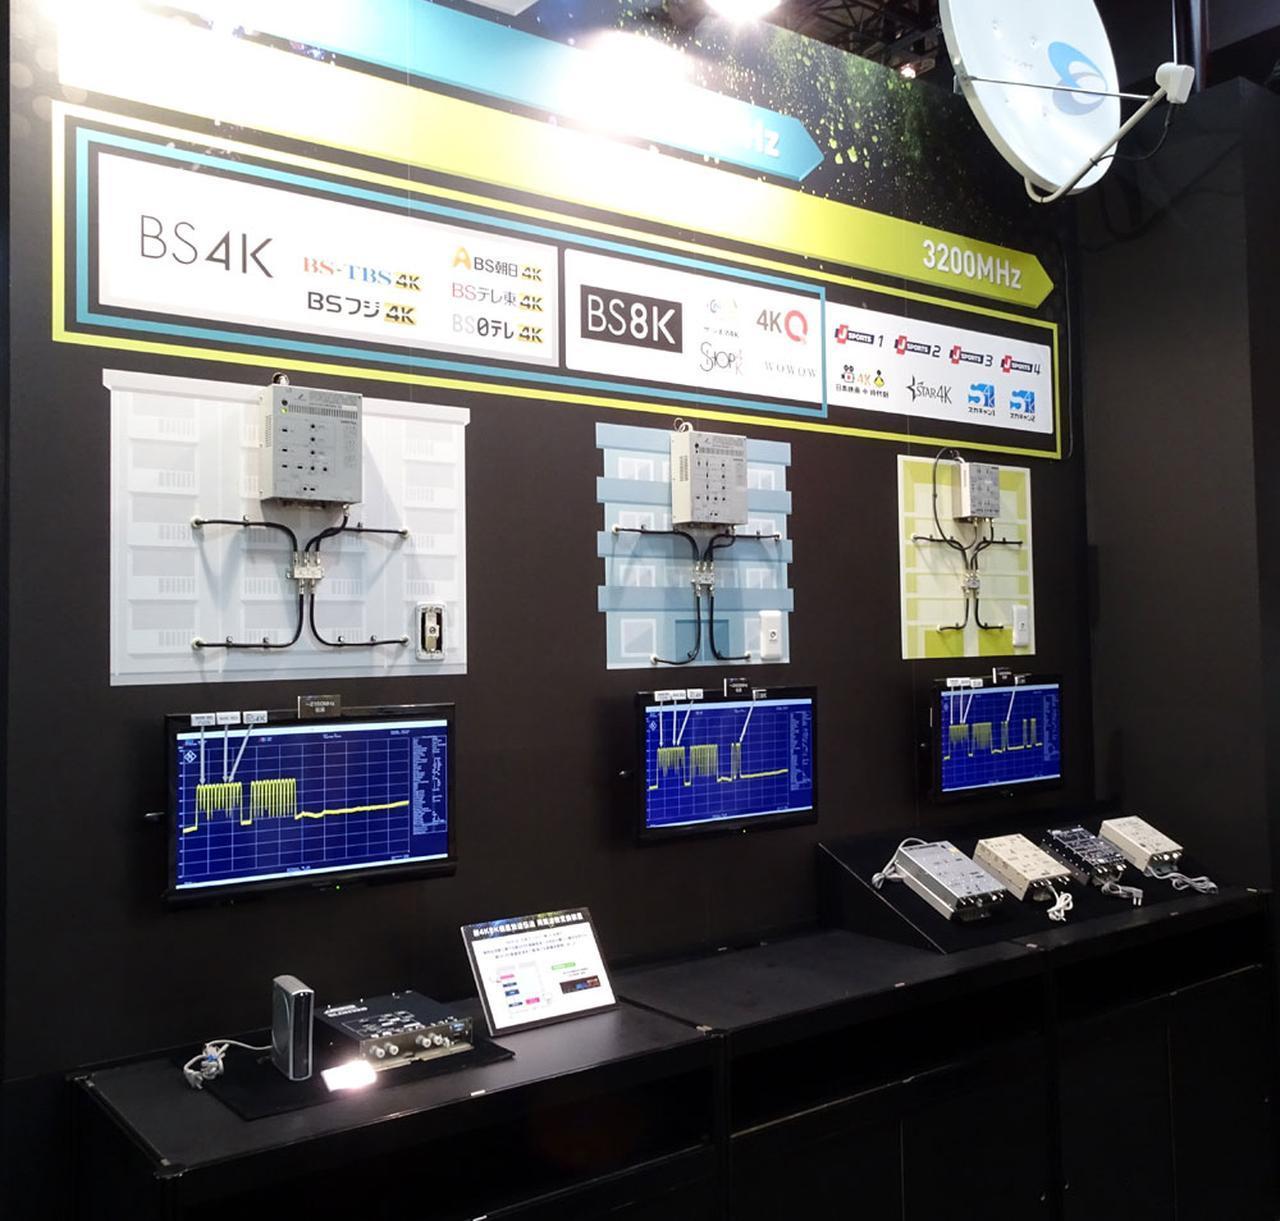 画像: マンションなどの既存の共聴設備で、新4K8K衛星放送が受信できるのか? を現した展示。一番左は20年ほど前のシステムでは、現行アンテナで受信できる右旋の新4K放送はなんとか視聴できている。中央は10年ほど前のもので、(左旋対応アンテナを取り付ければ)なんとか新8K放送までは受信できる、というもの